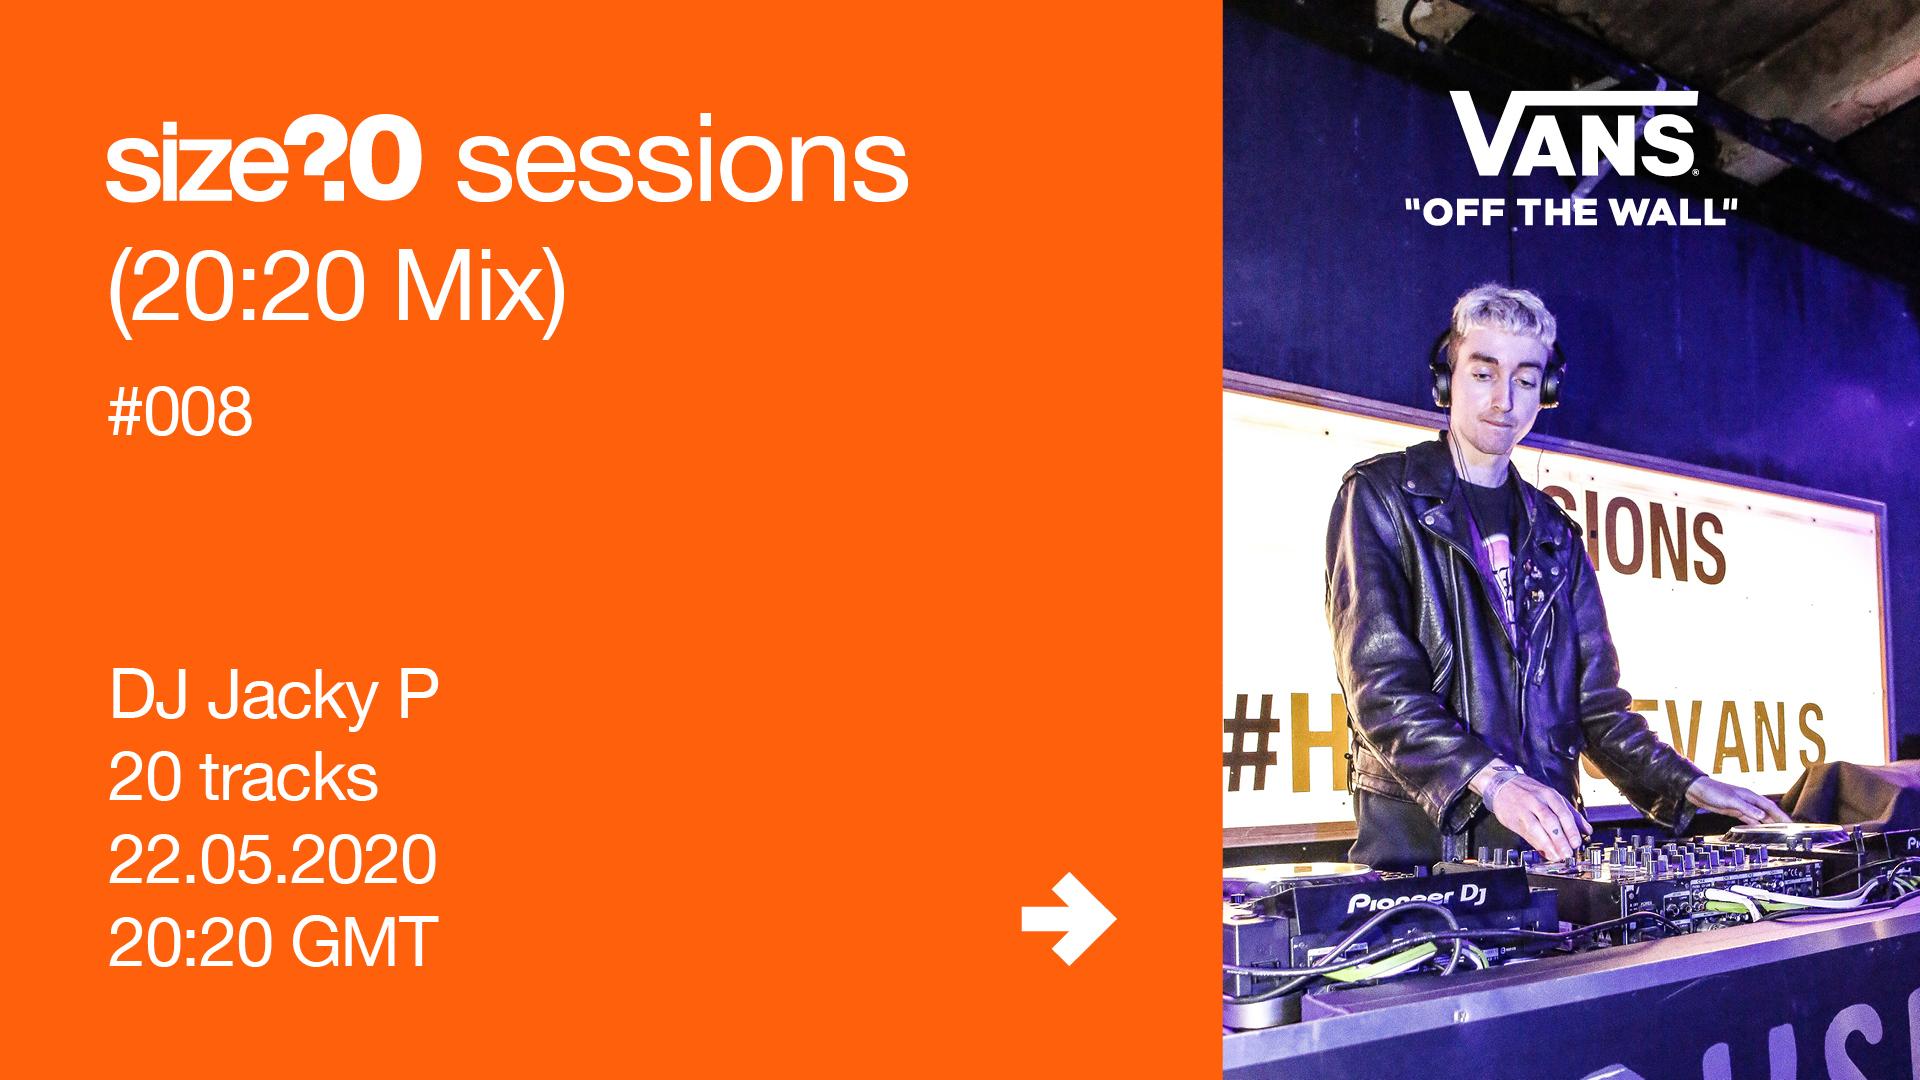 size? sessions (20:20 Mix) DJ Jacky P